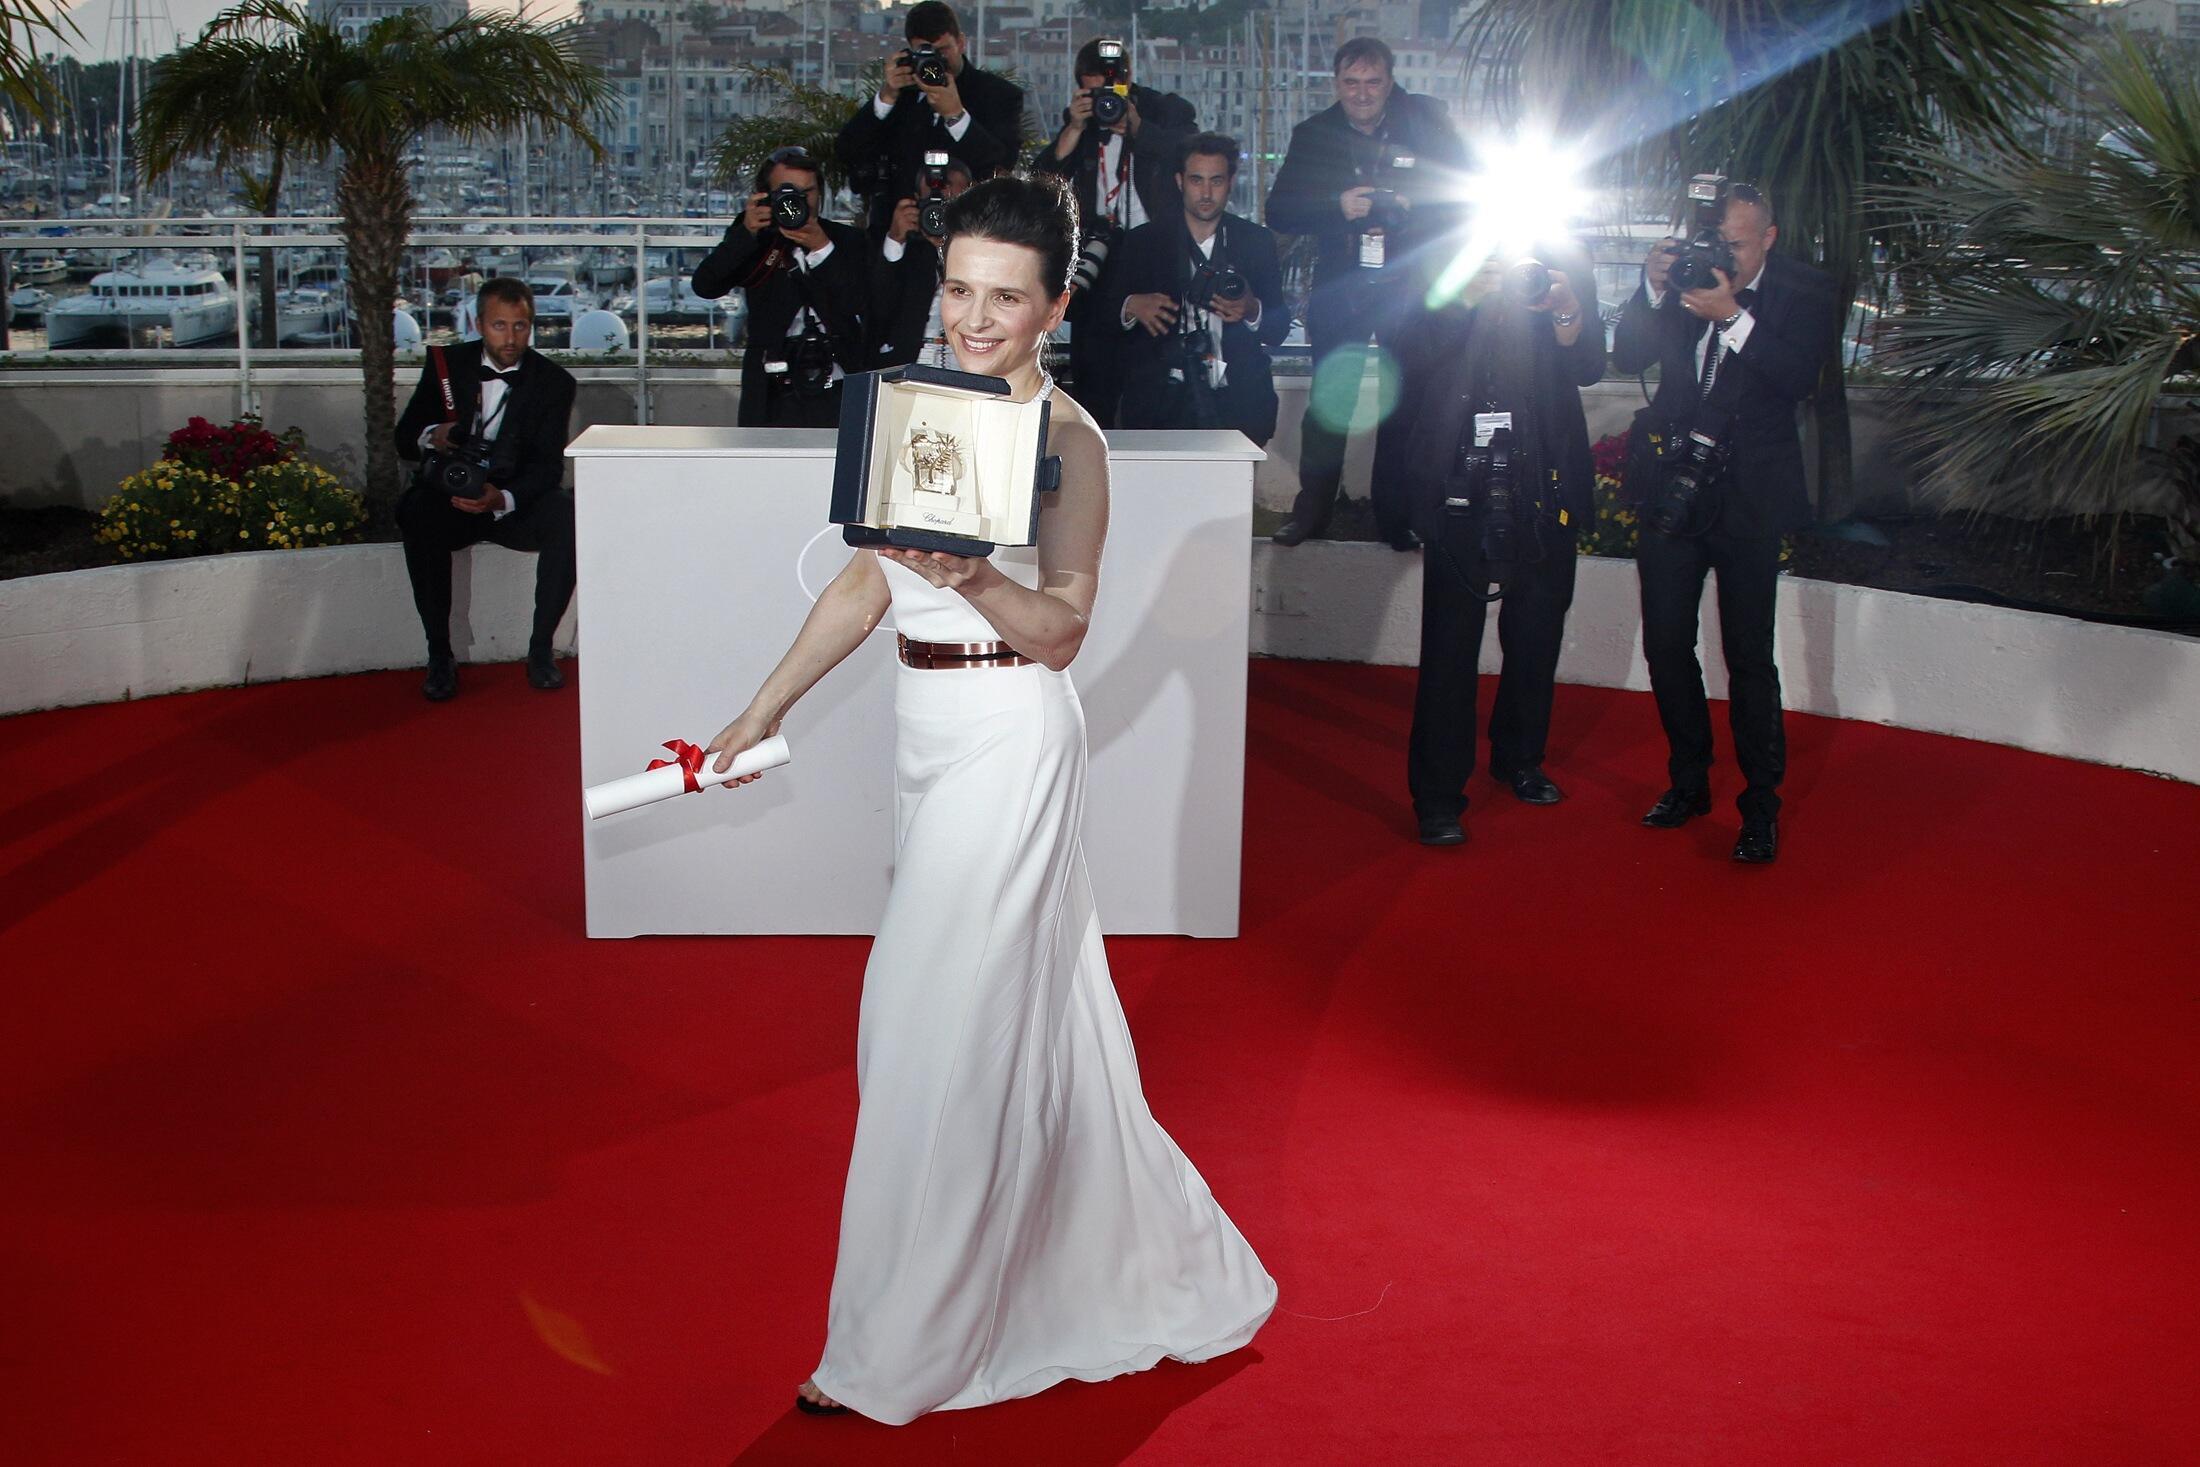 Жюльетт Бинош - лучшая актриса 63-го Каннского фестиваля.